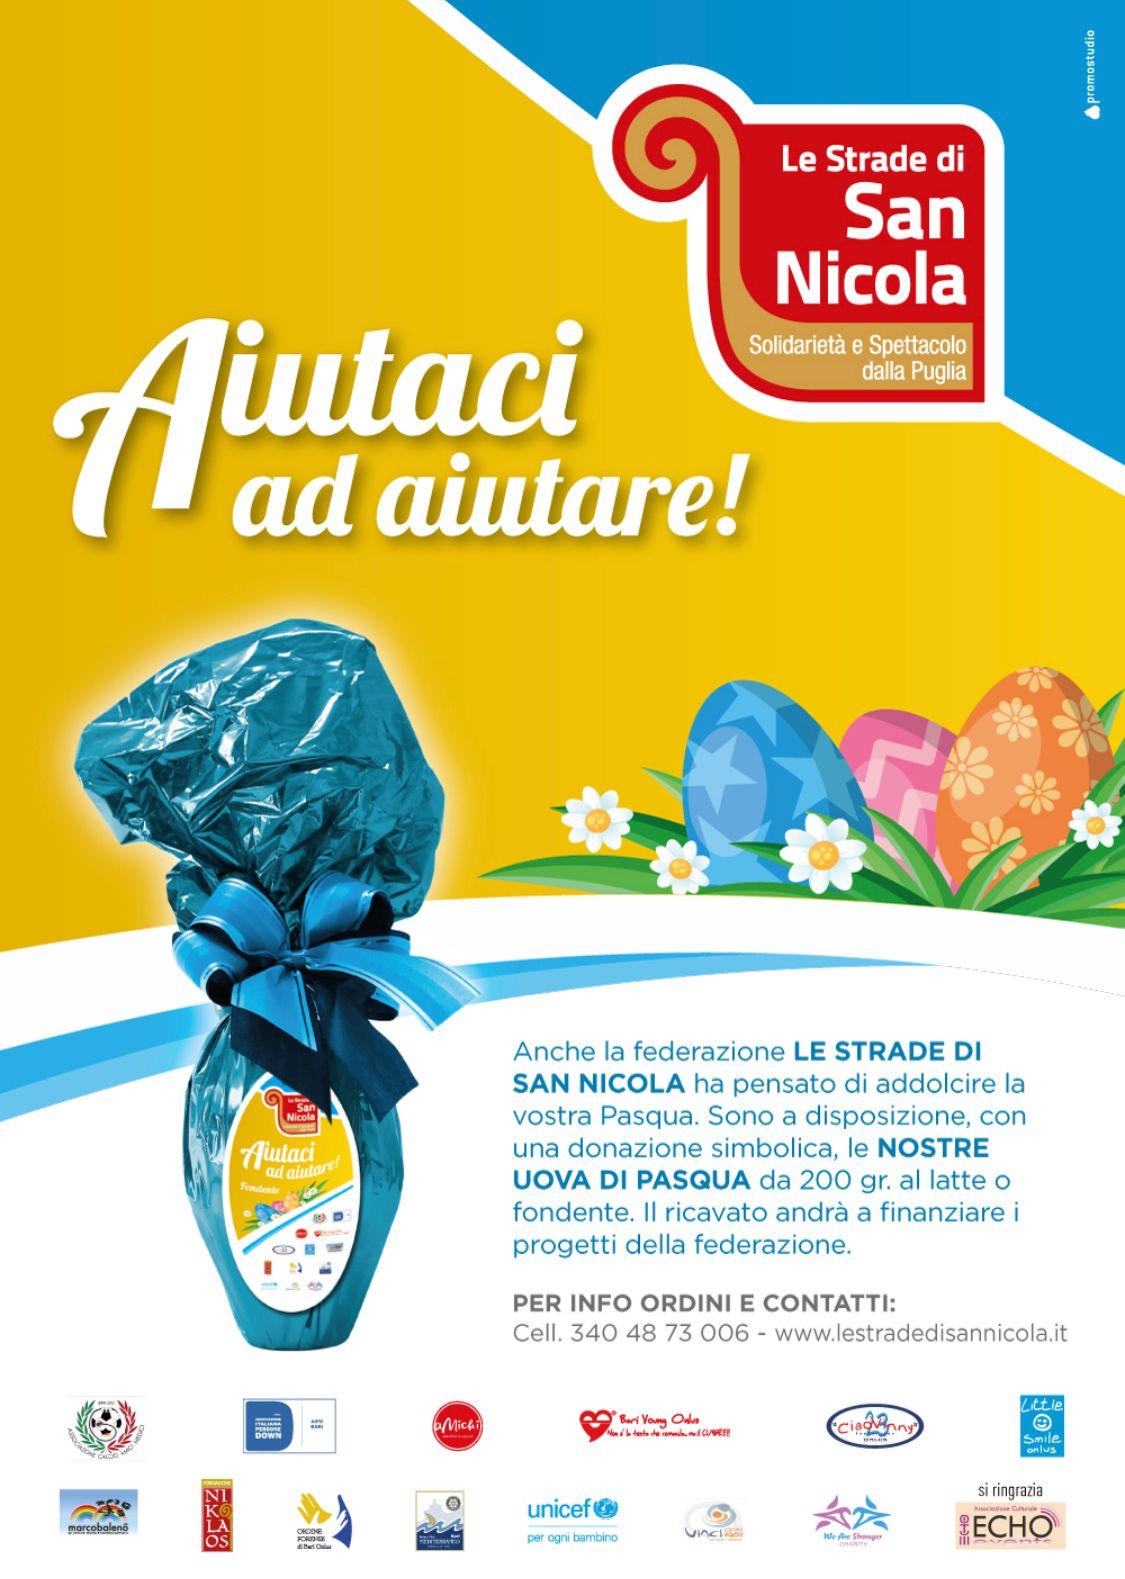 """Fondazione Nikolaos per """"Le Strade di San Nicola"""": aiutaci ad aiutare!"""